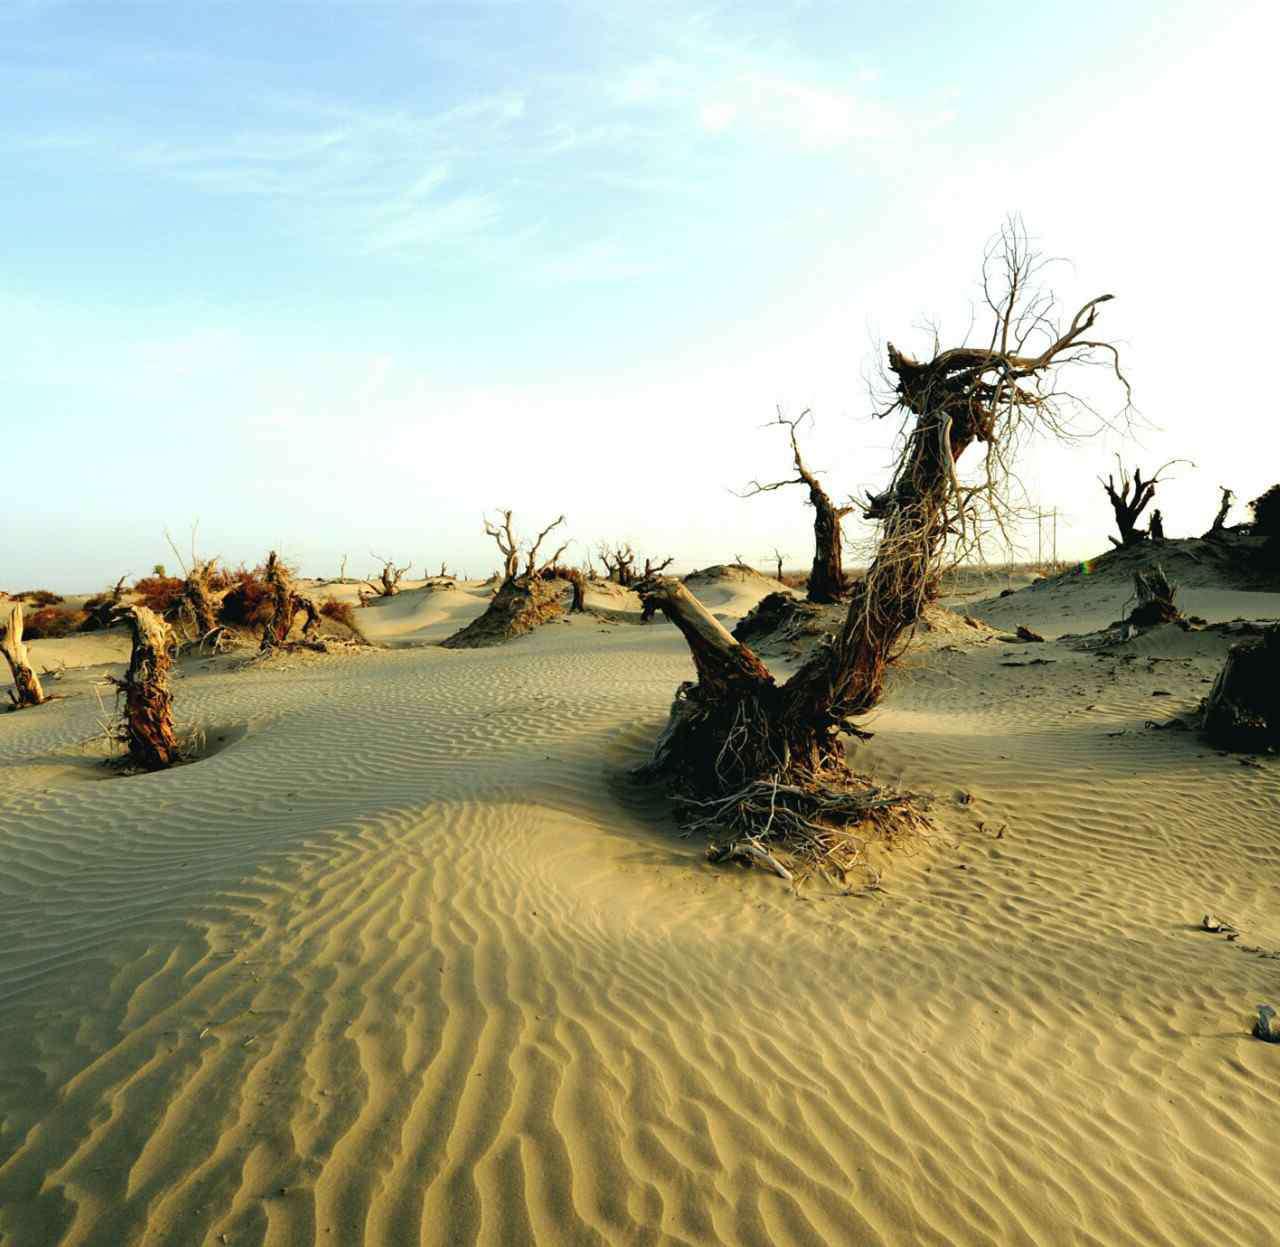 死亡之海是哪个沙漠 死亡之海是哪个沙漠?